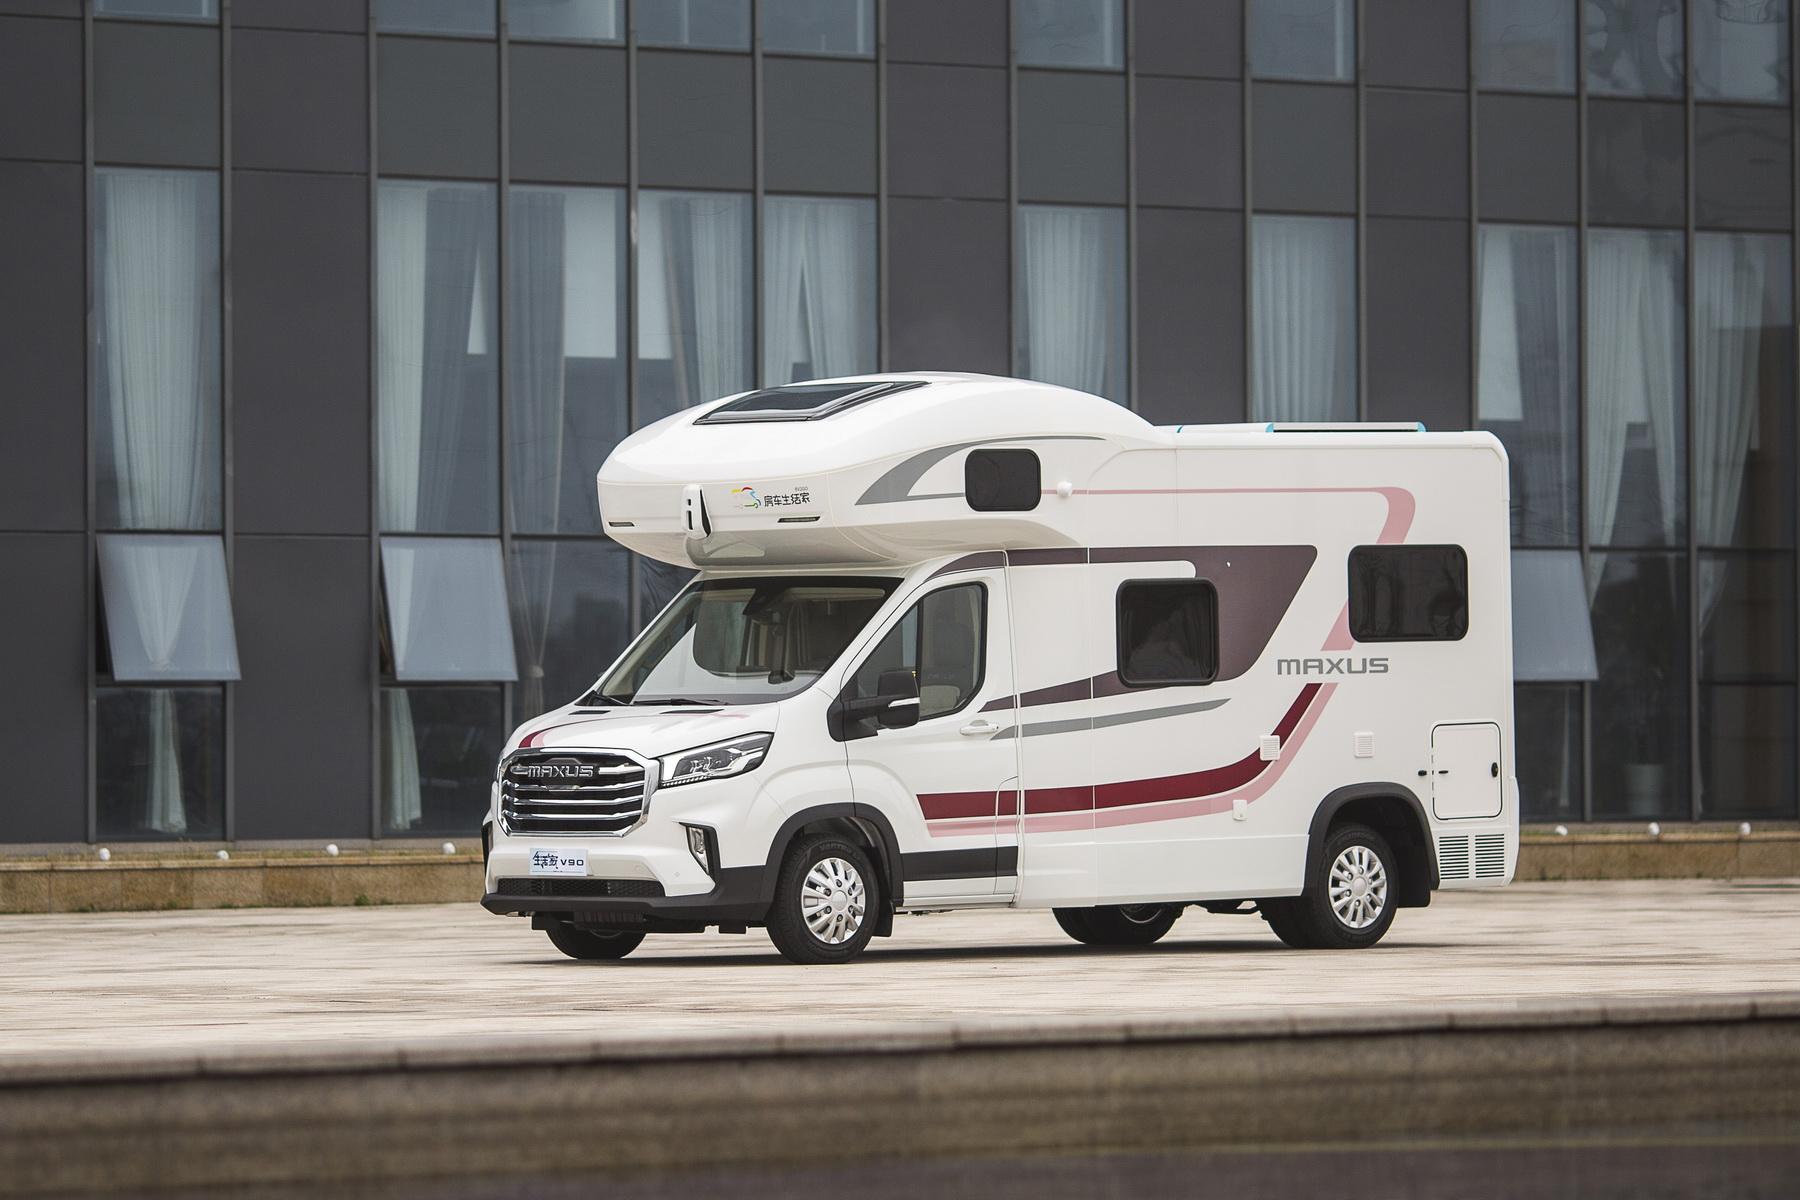 带沙发和大双人床,智能房车先驱,实拍上汽大通MAXUS生活家V90纵床